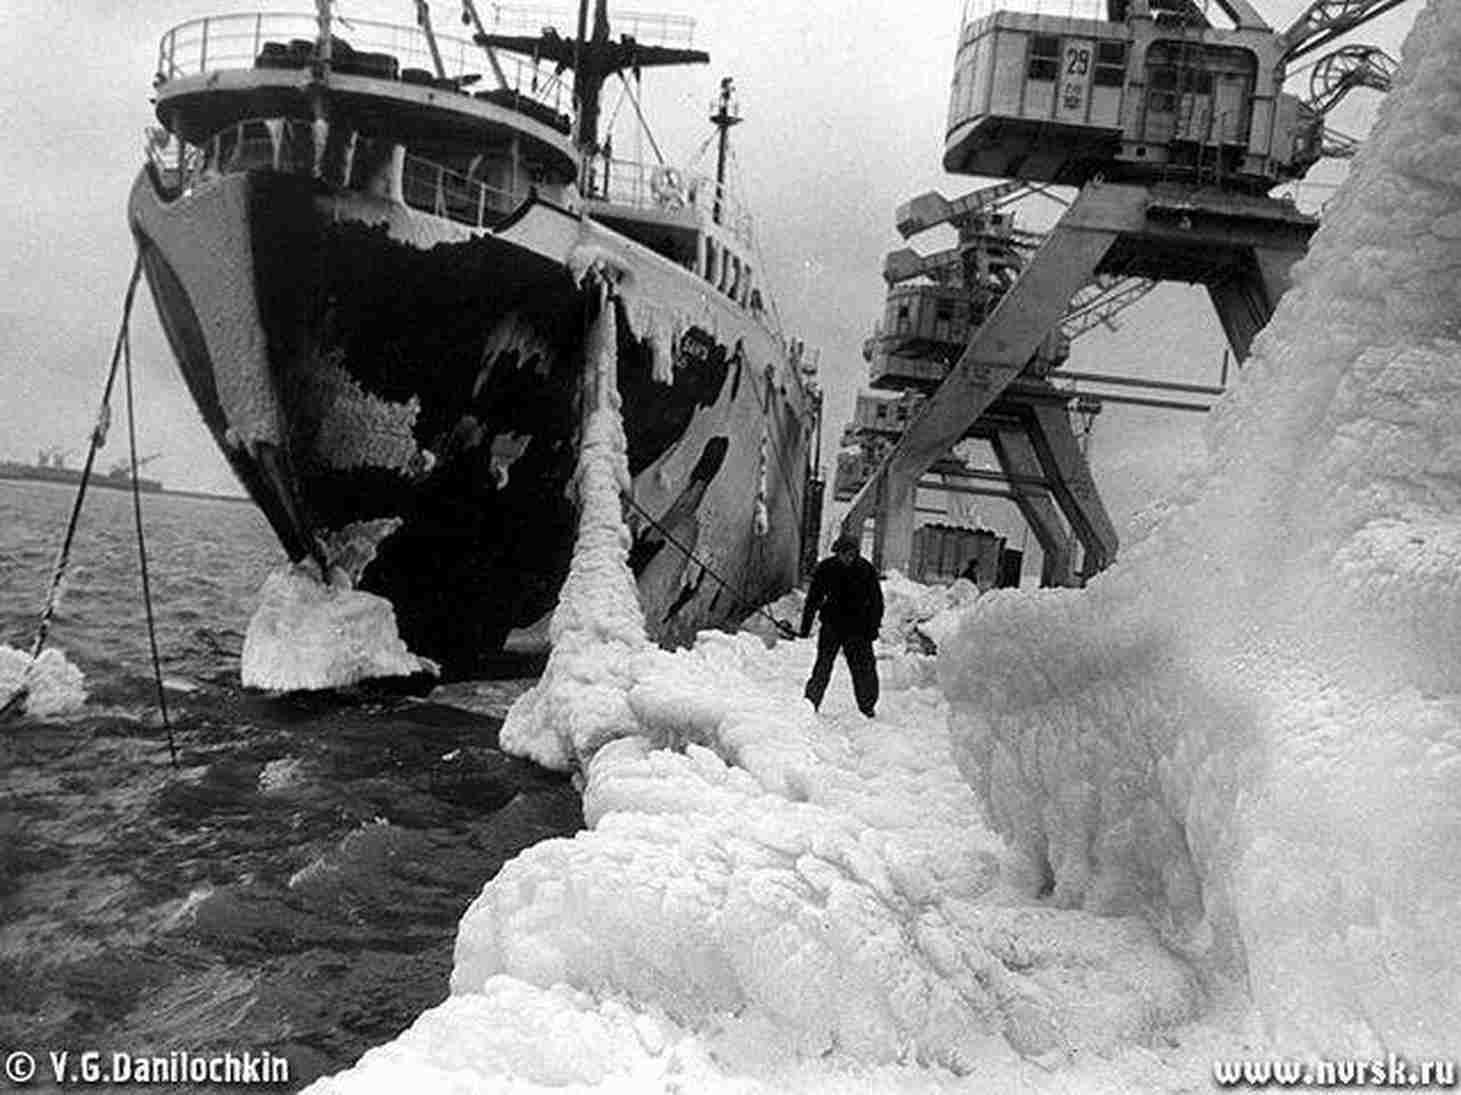 После аномального тепла наступит ледниковый период?